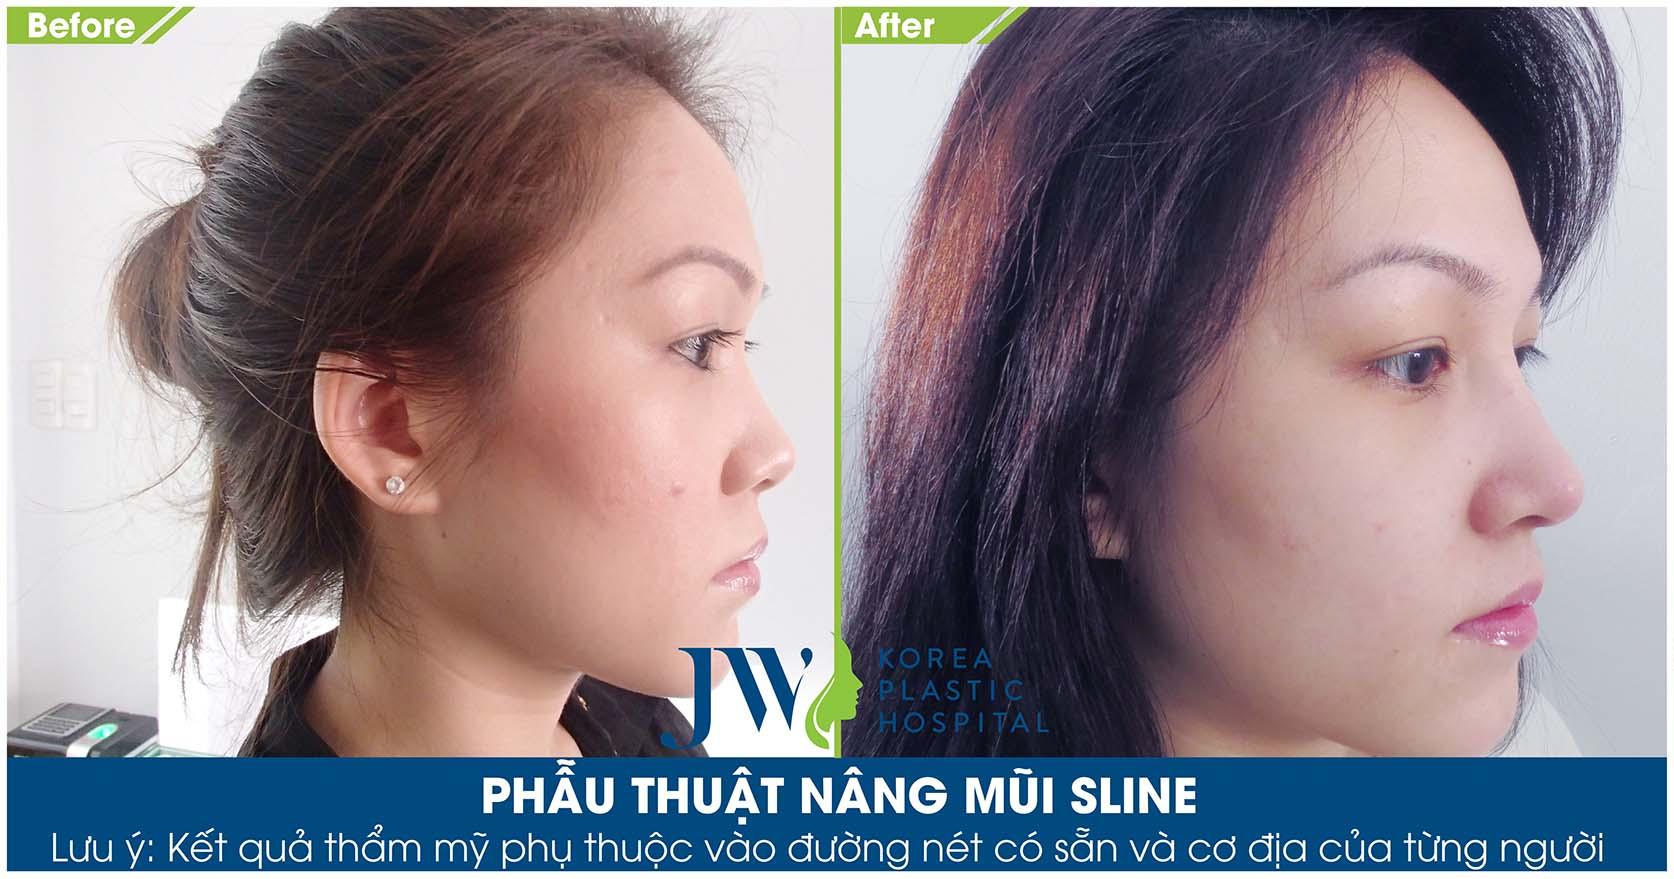 Nâng mũi bọc sụn khác nâng mũi s line như thế nào-hình 10